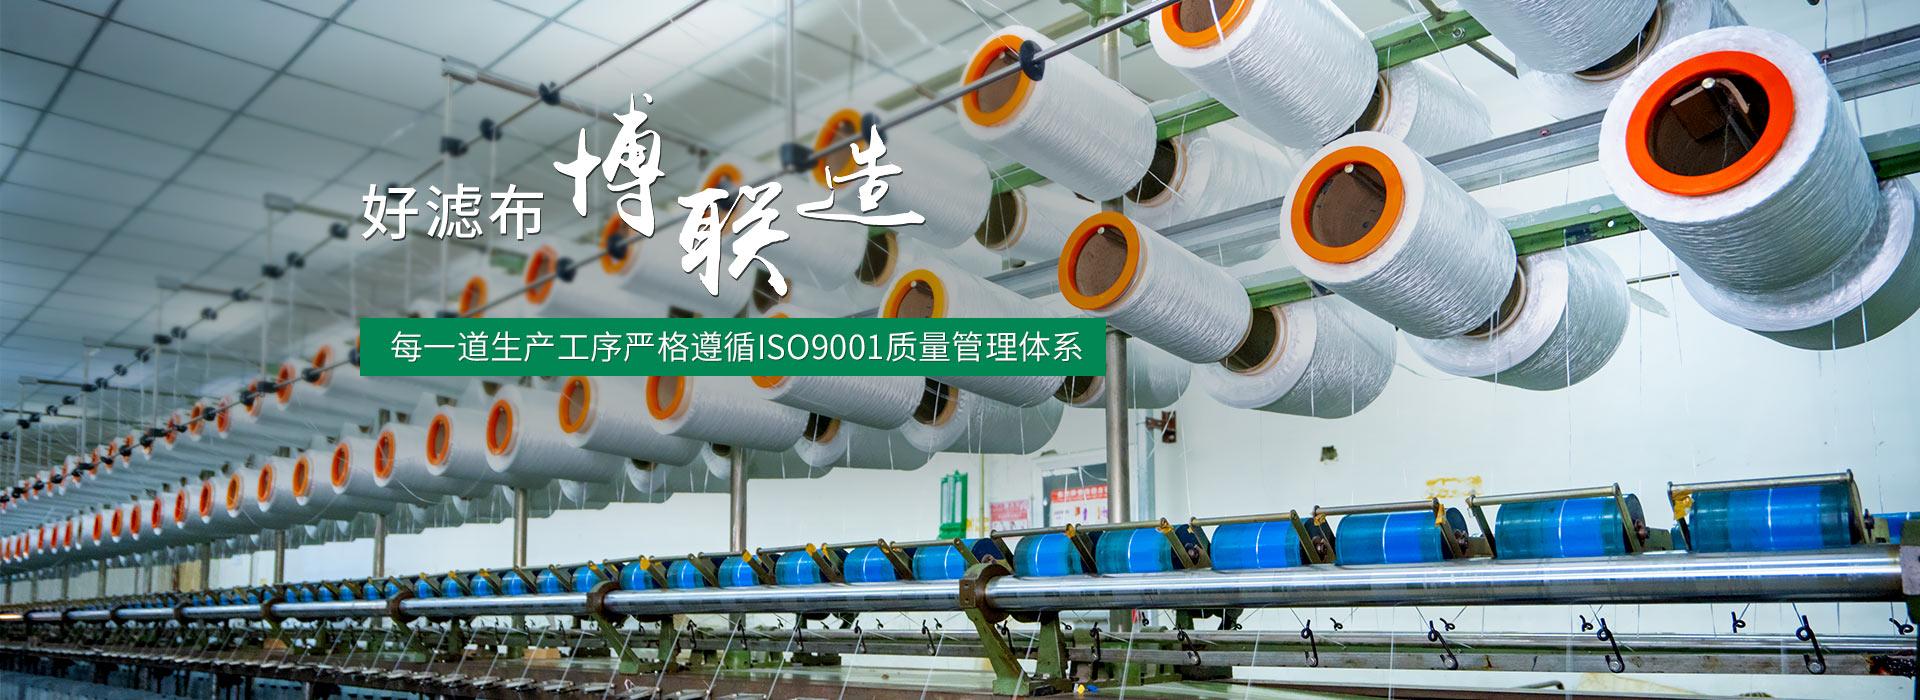 博联 每一道生产工序严格遵循ISO9001质量管理体系